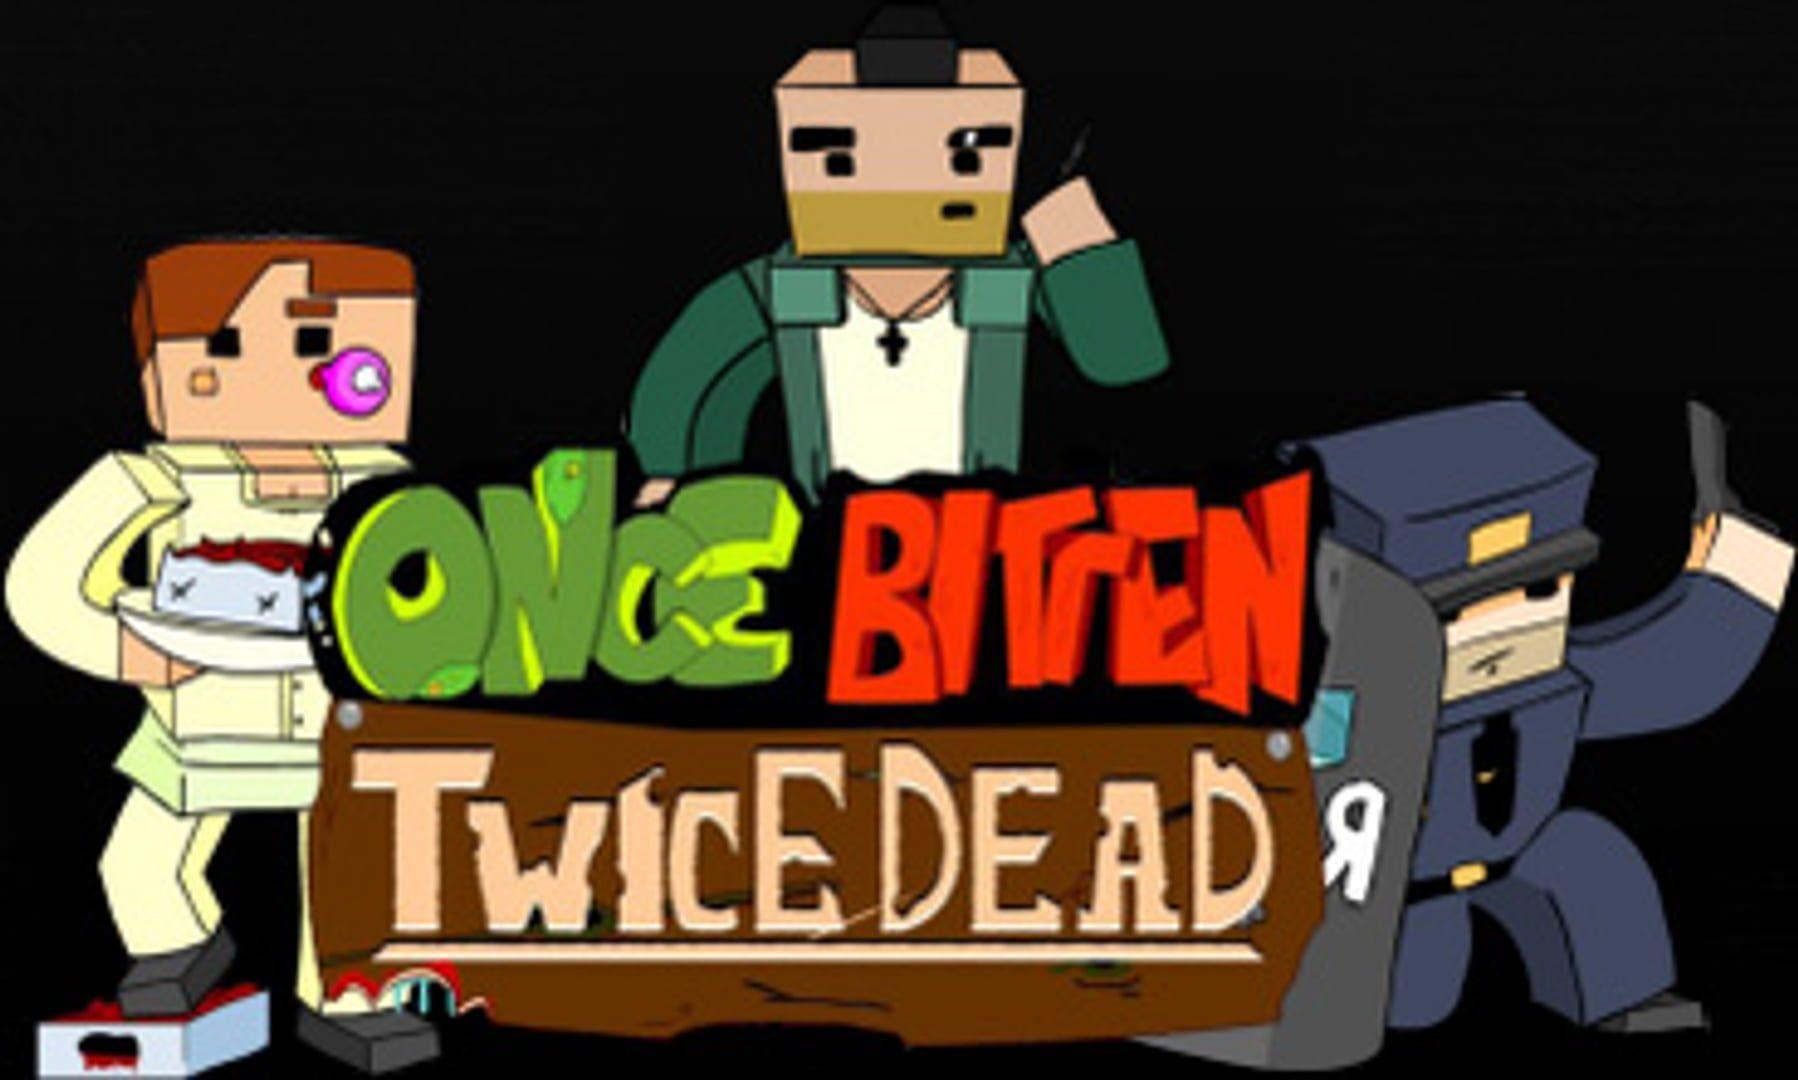 buy Once Bitten, Twice Dead cd key for pc platform